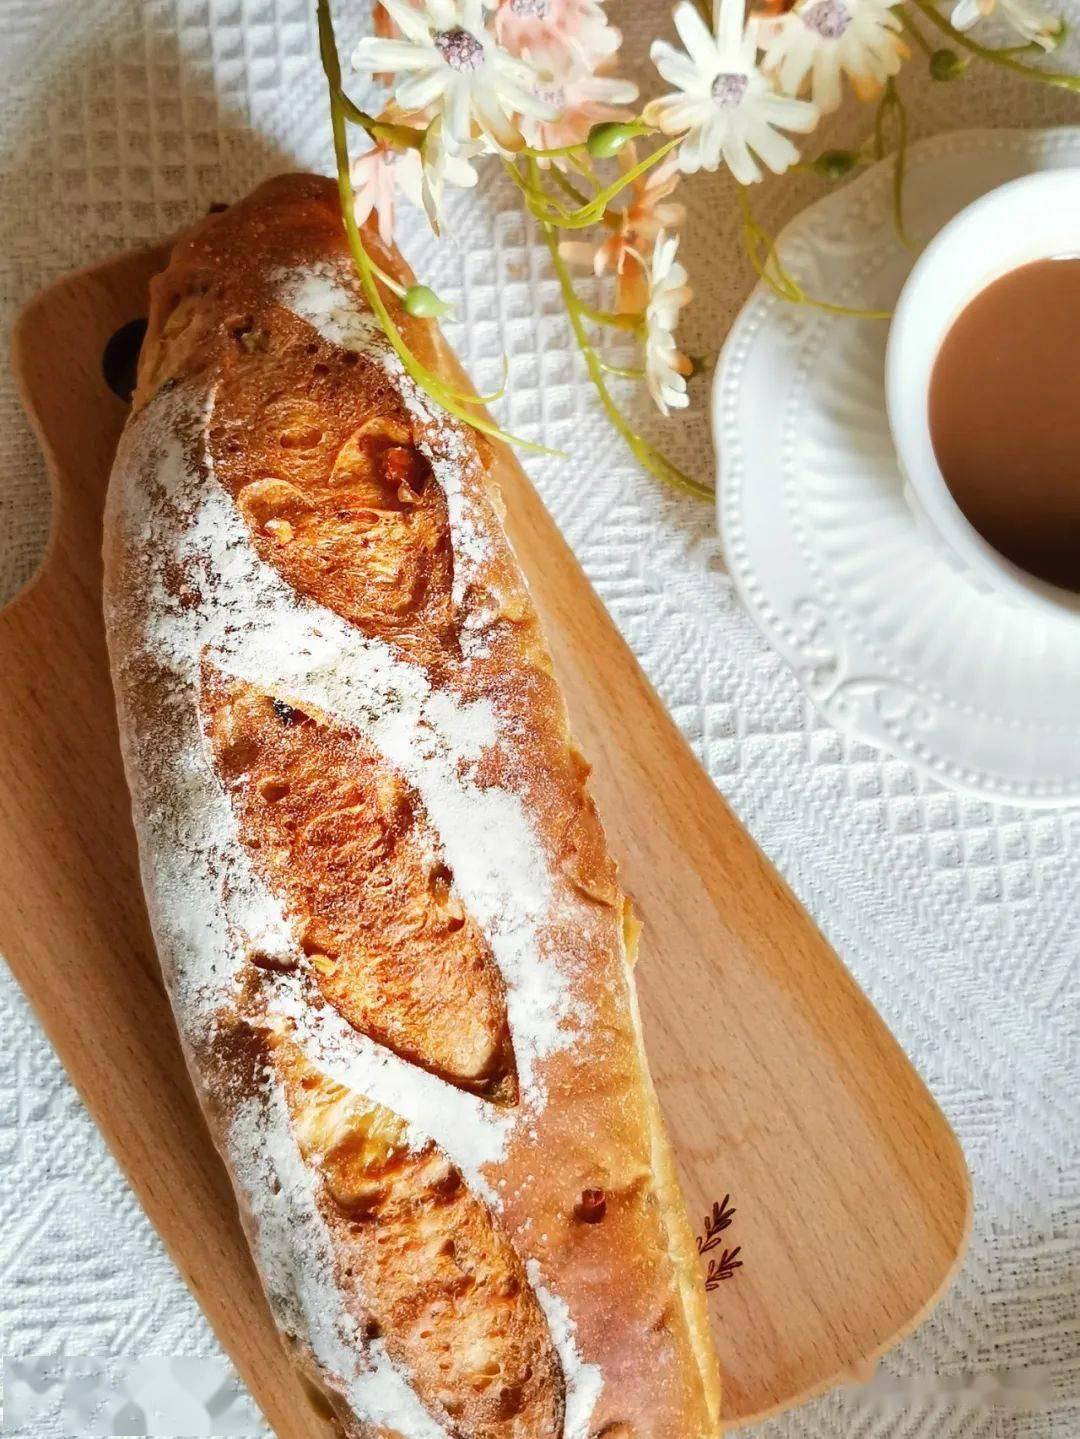 欧包▲懒人健康面包~低油少糖的全麦坚果欧包—法棍模具,